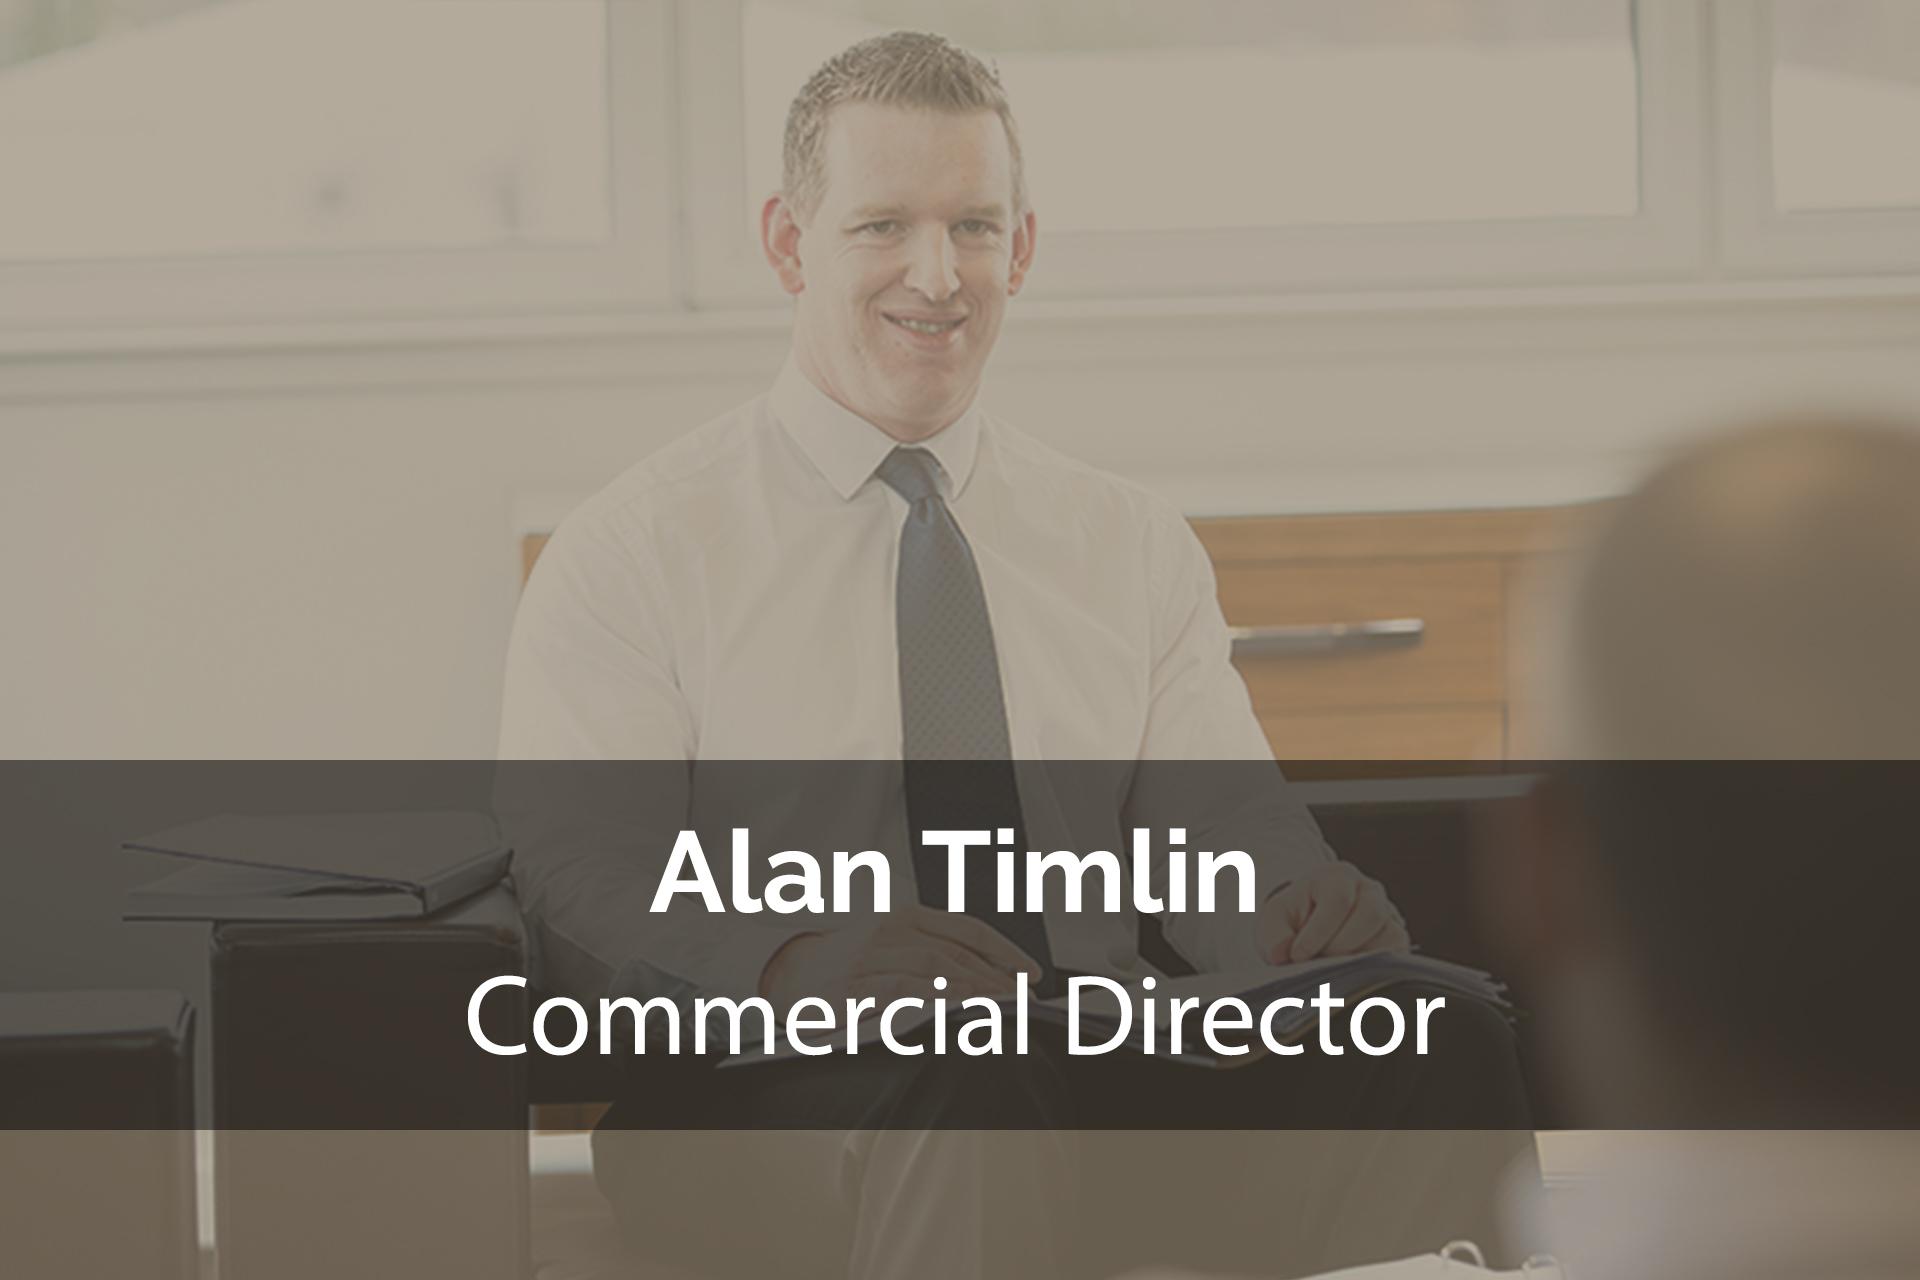 Alan Timlin